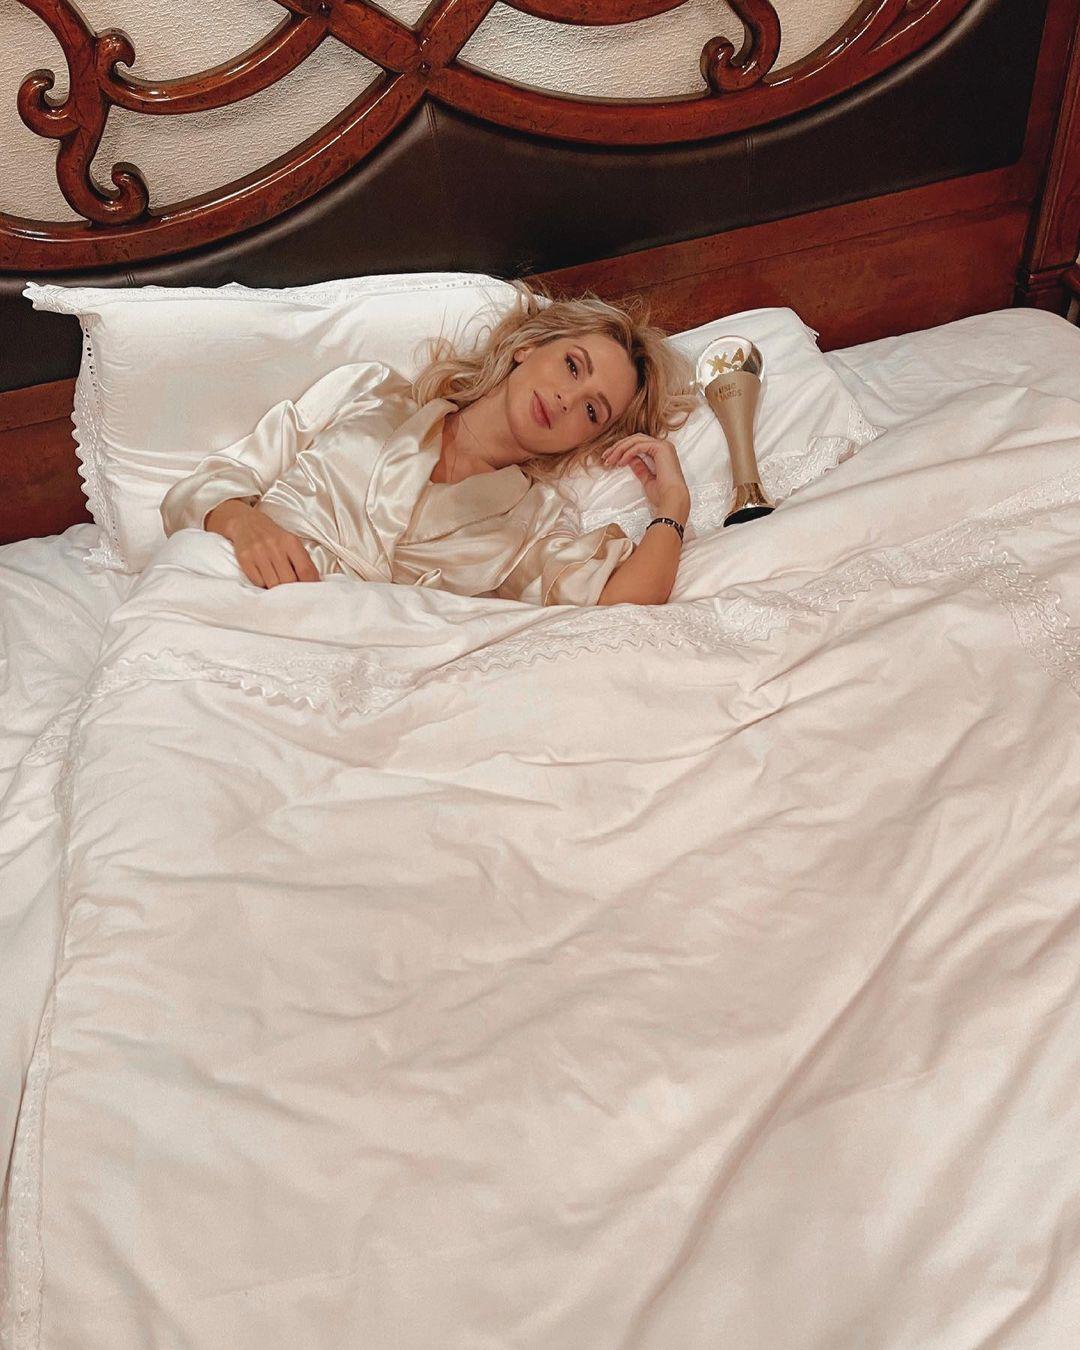 Светлана Лобода получила премию, лёжа в постели